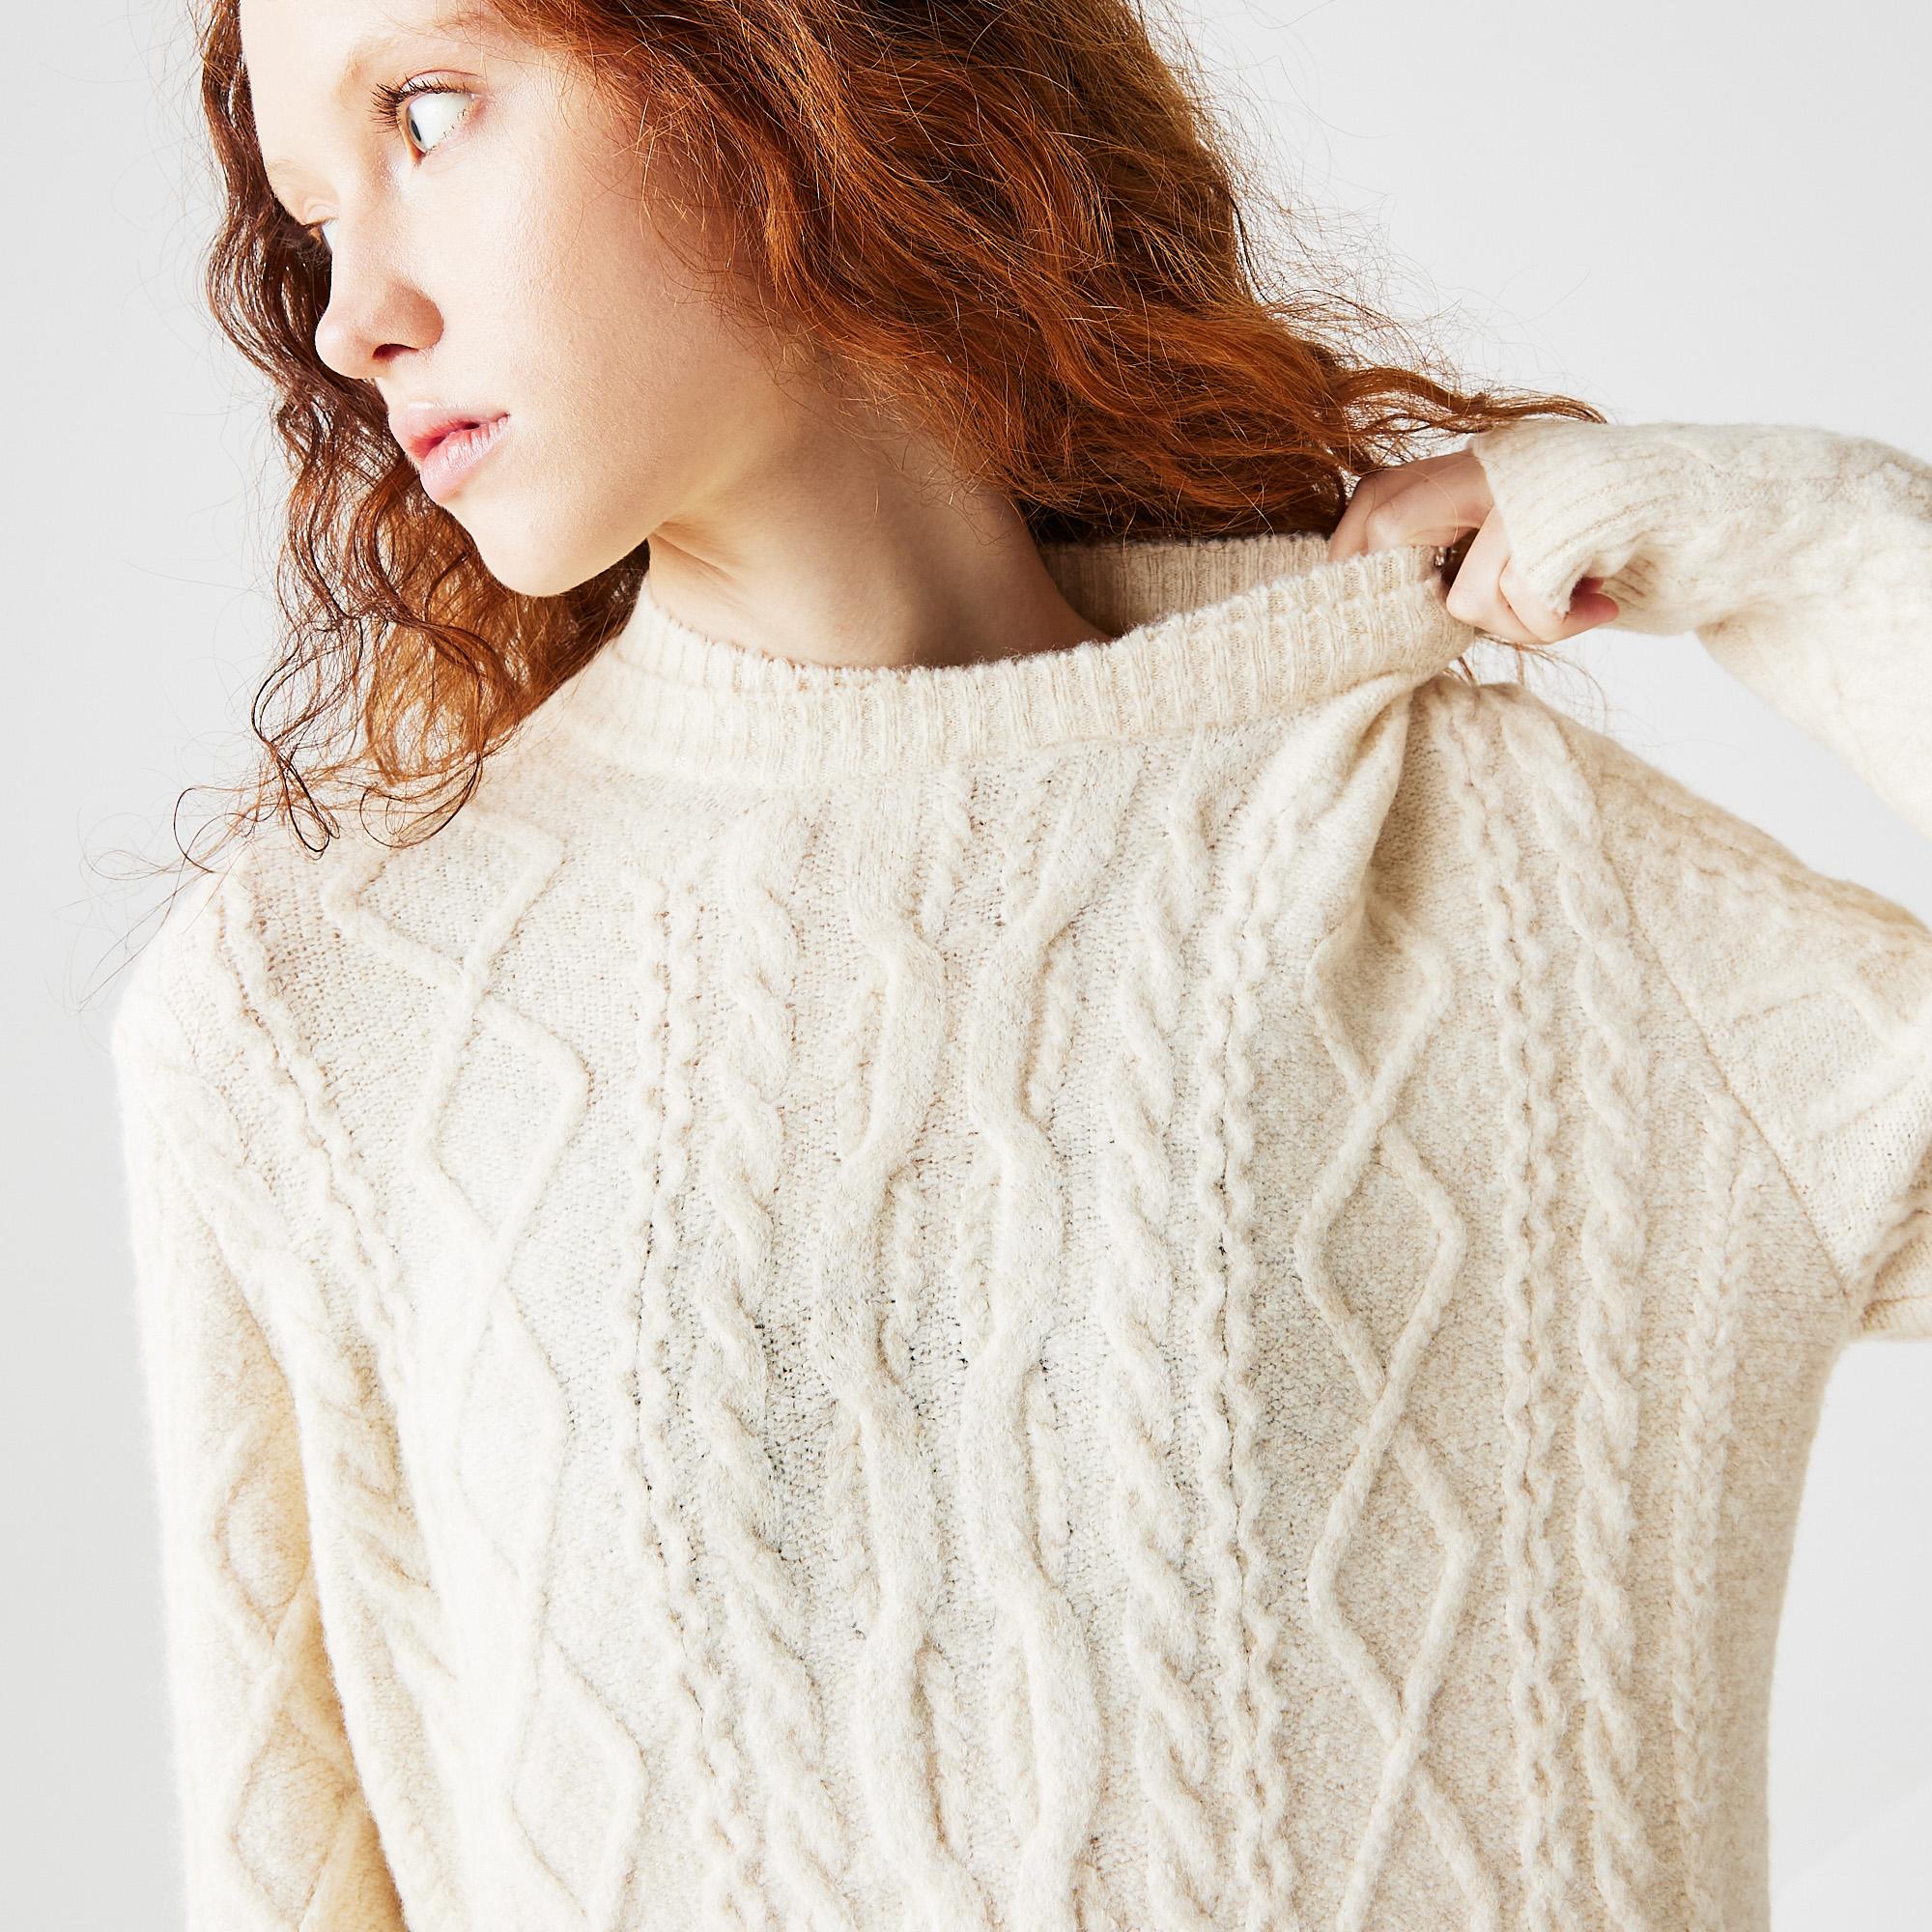 Фото 4 - Женское платье Lacoste белого цвета